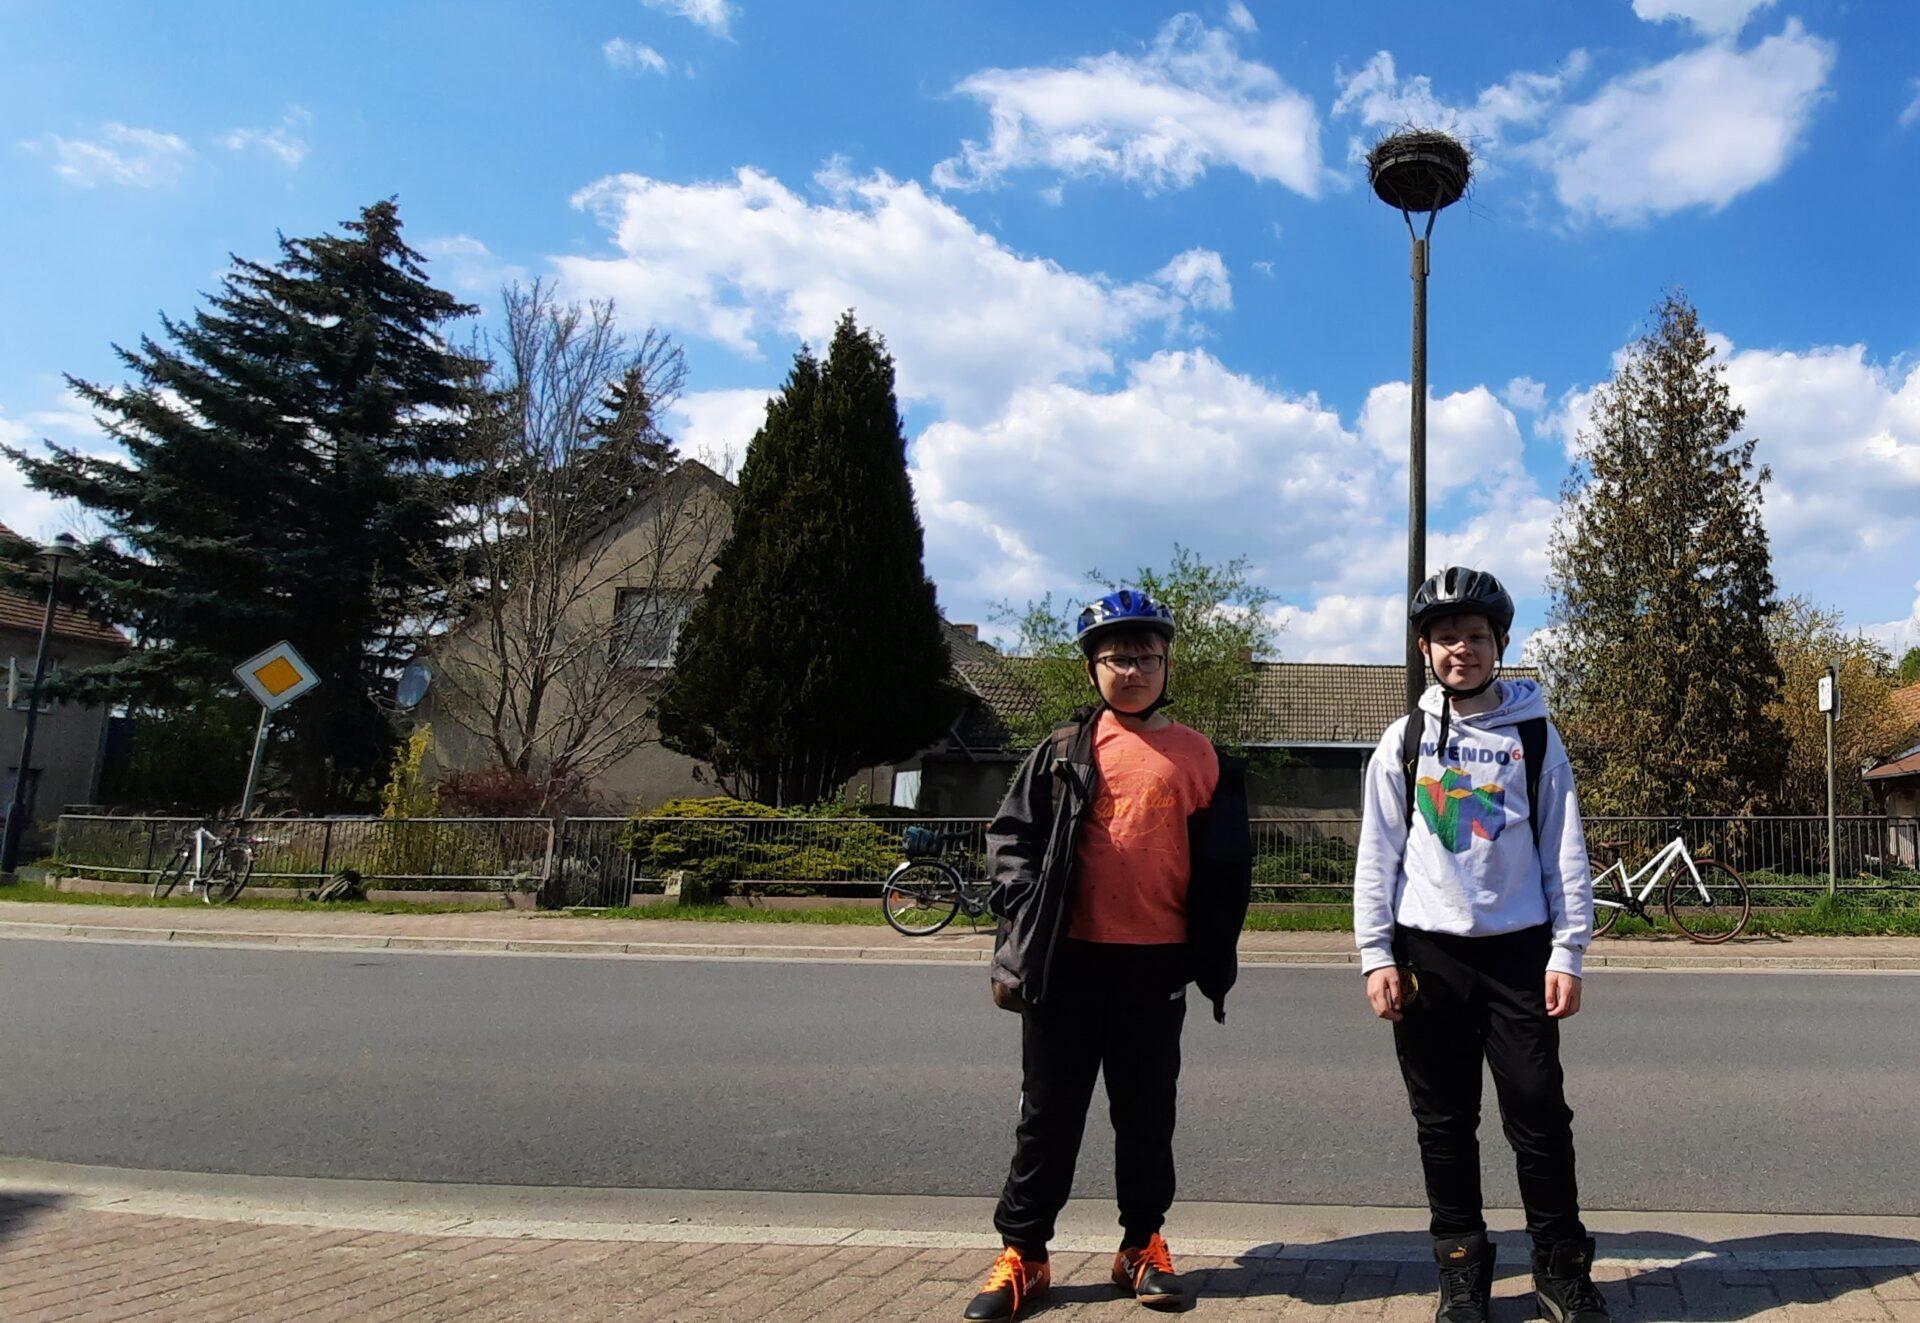 Storchenhorst und zwei Jungs